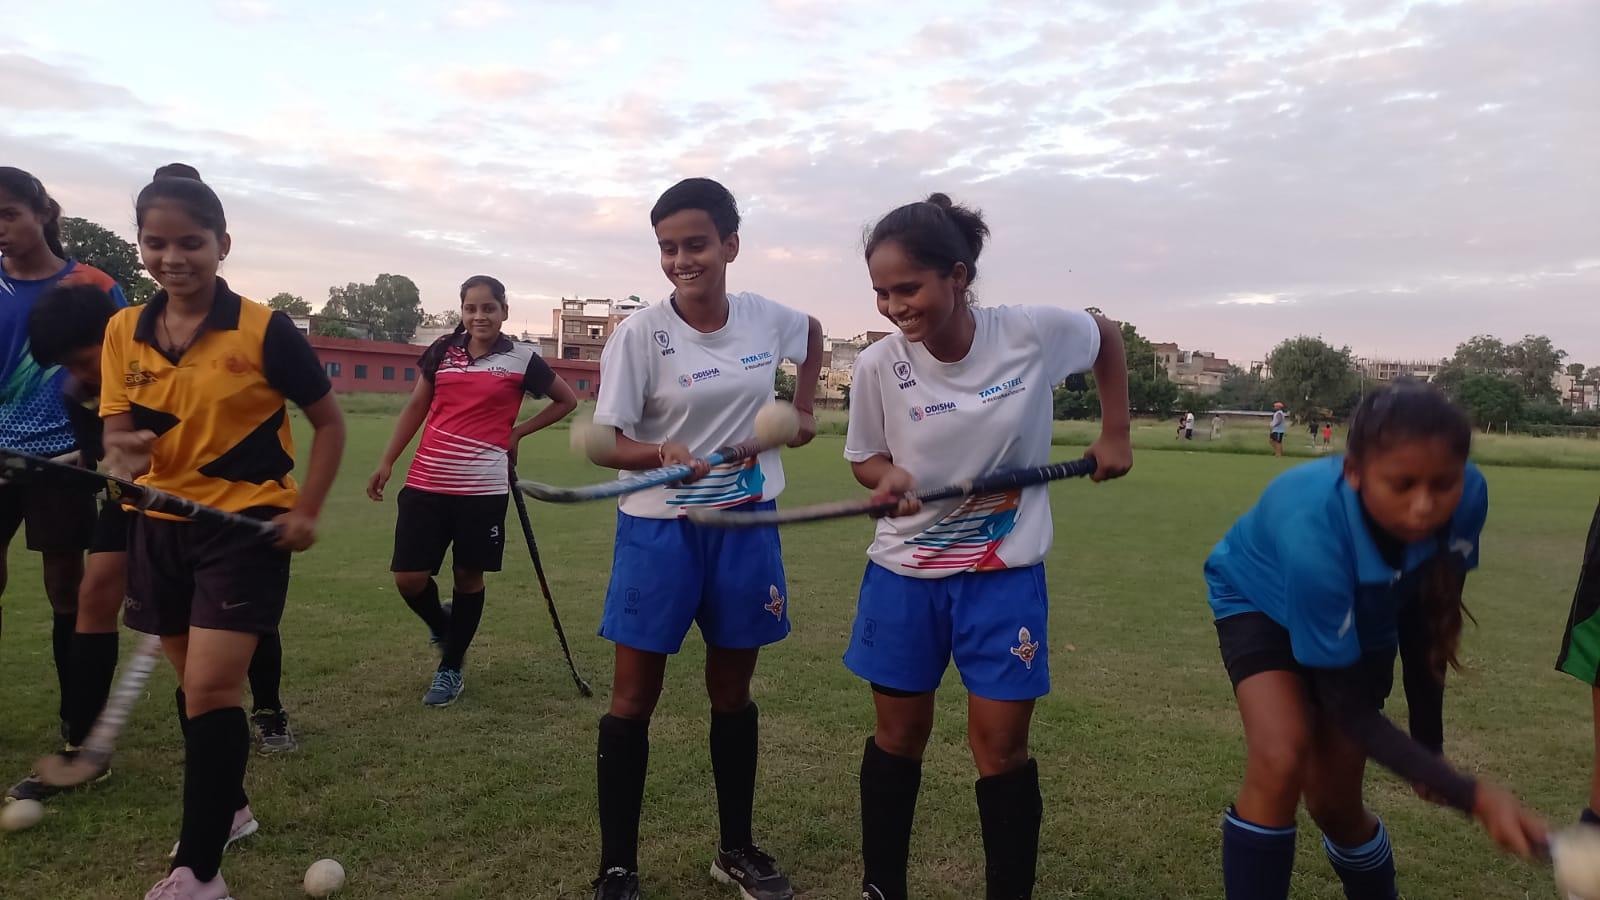 मेरठ में अभ्यास करती थी हॉकी हैट्रिक गर्ल, आज नई खिलाड़ियों की प्रेरणा है वंदना दीदी|मेरठ,Meerut - Dainik Bhaskar